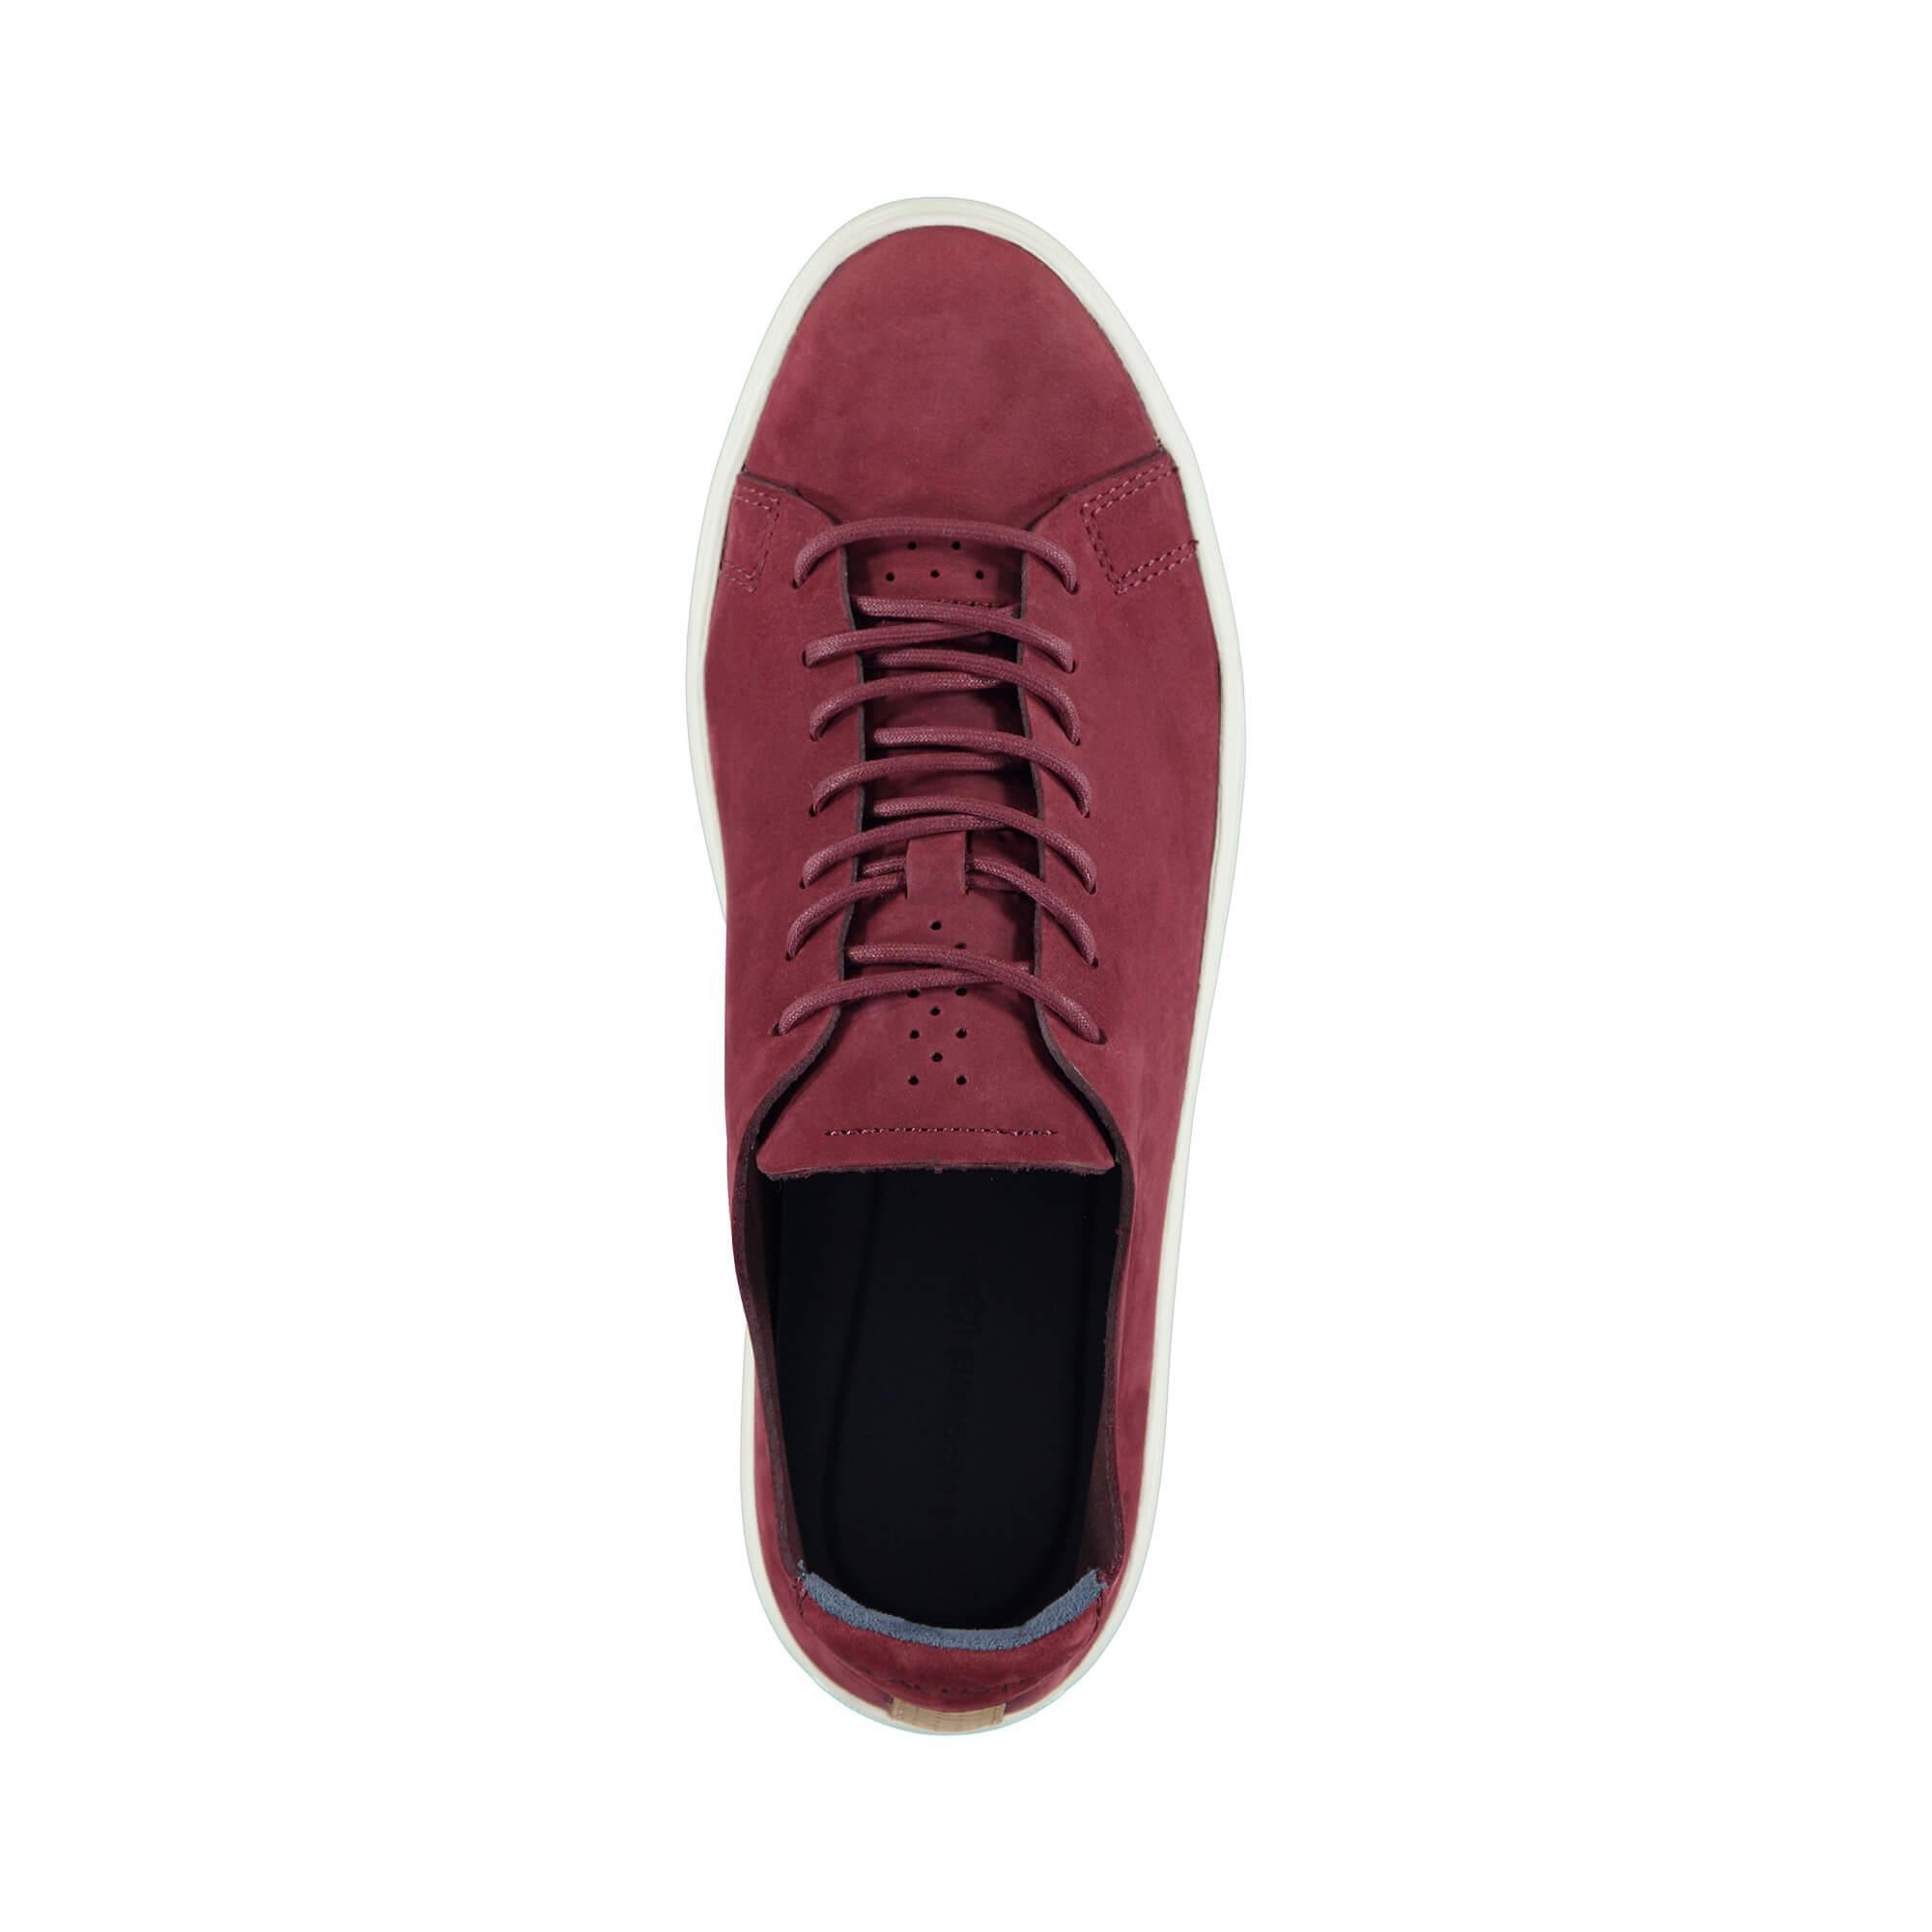 Lacoste Erkek L.12.12 Unlined 318 1 Kırmızı Sneaker